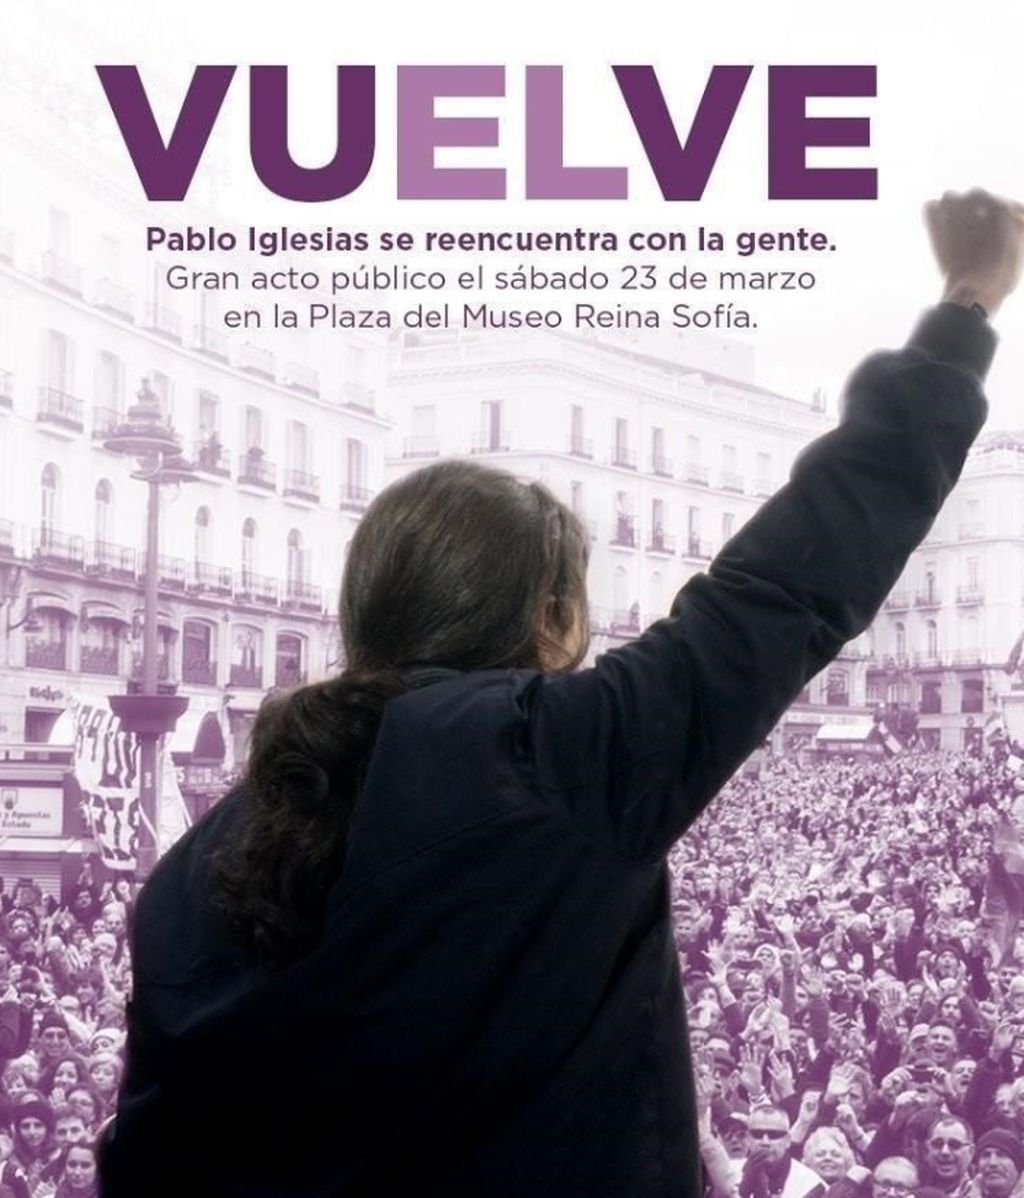 En vísperas del 8-M, Podemos tropieza con el cartel tachado de 'machista' de Pablo Iglesias